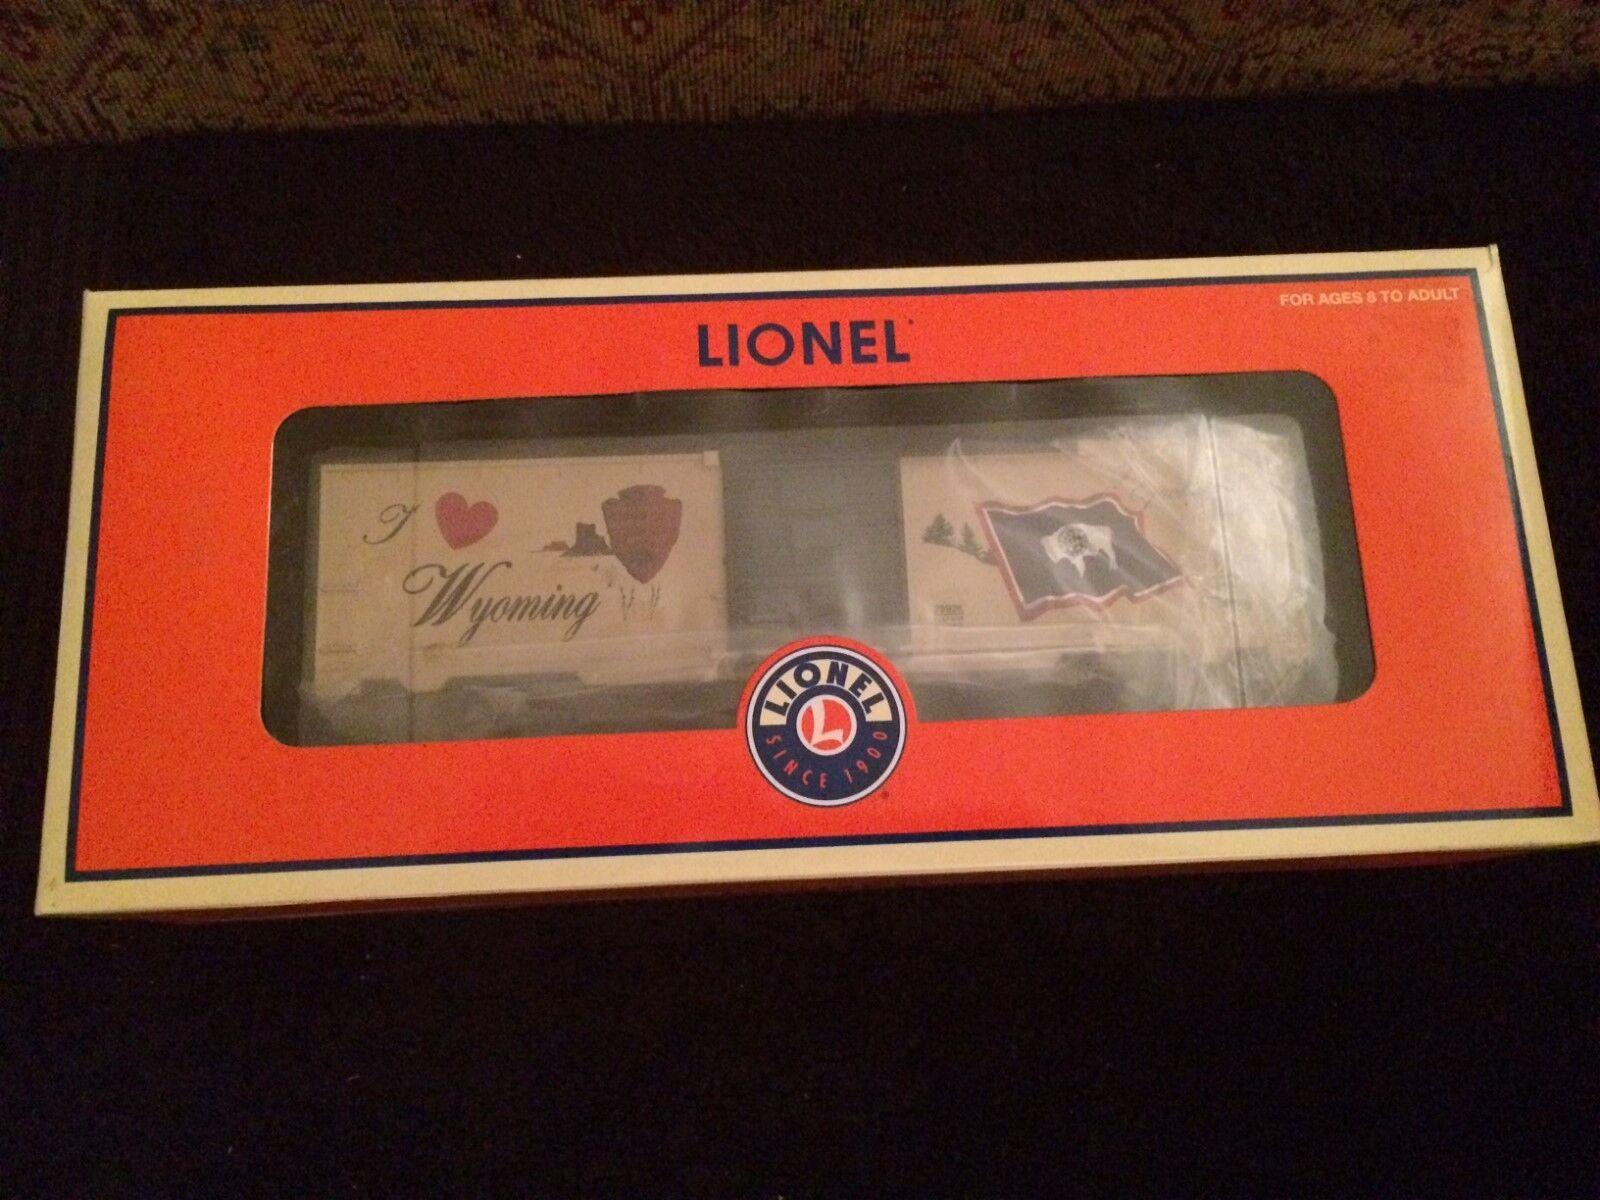 Lionel 29936 I Love Wyoming Box Car Nuovo in Box